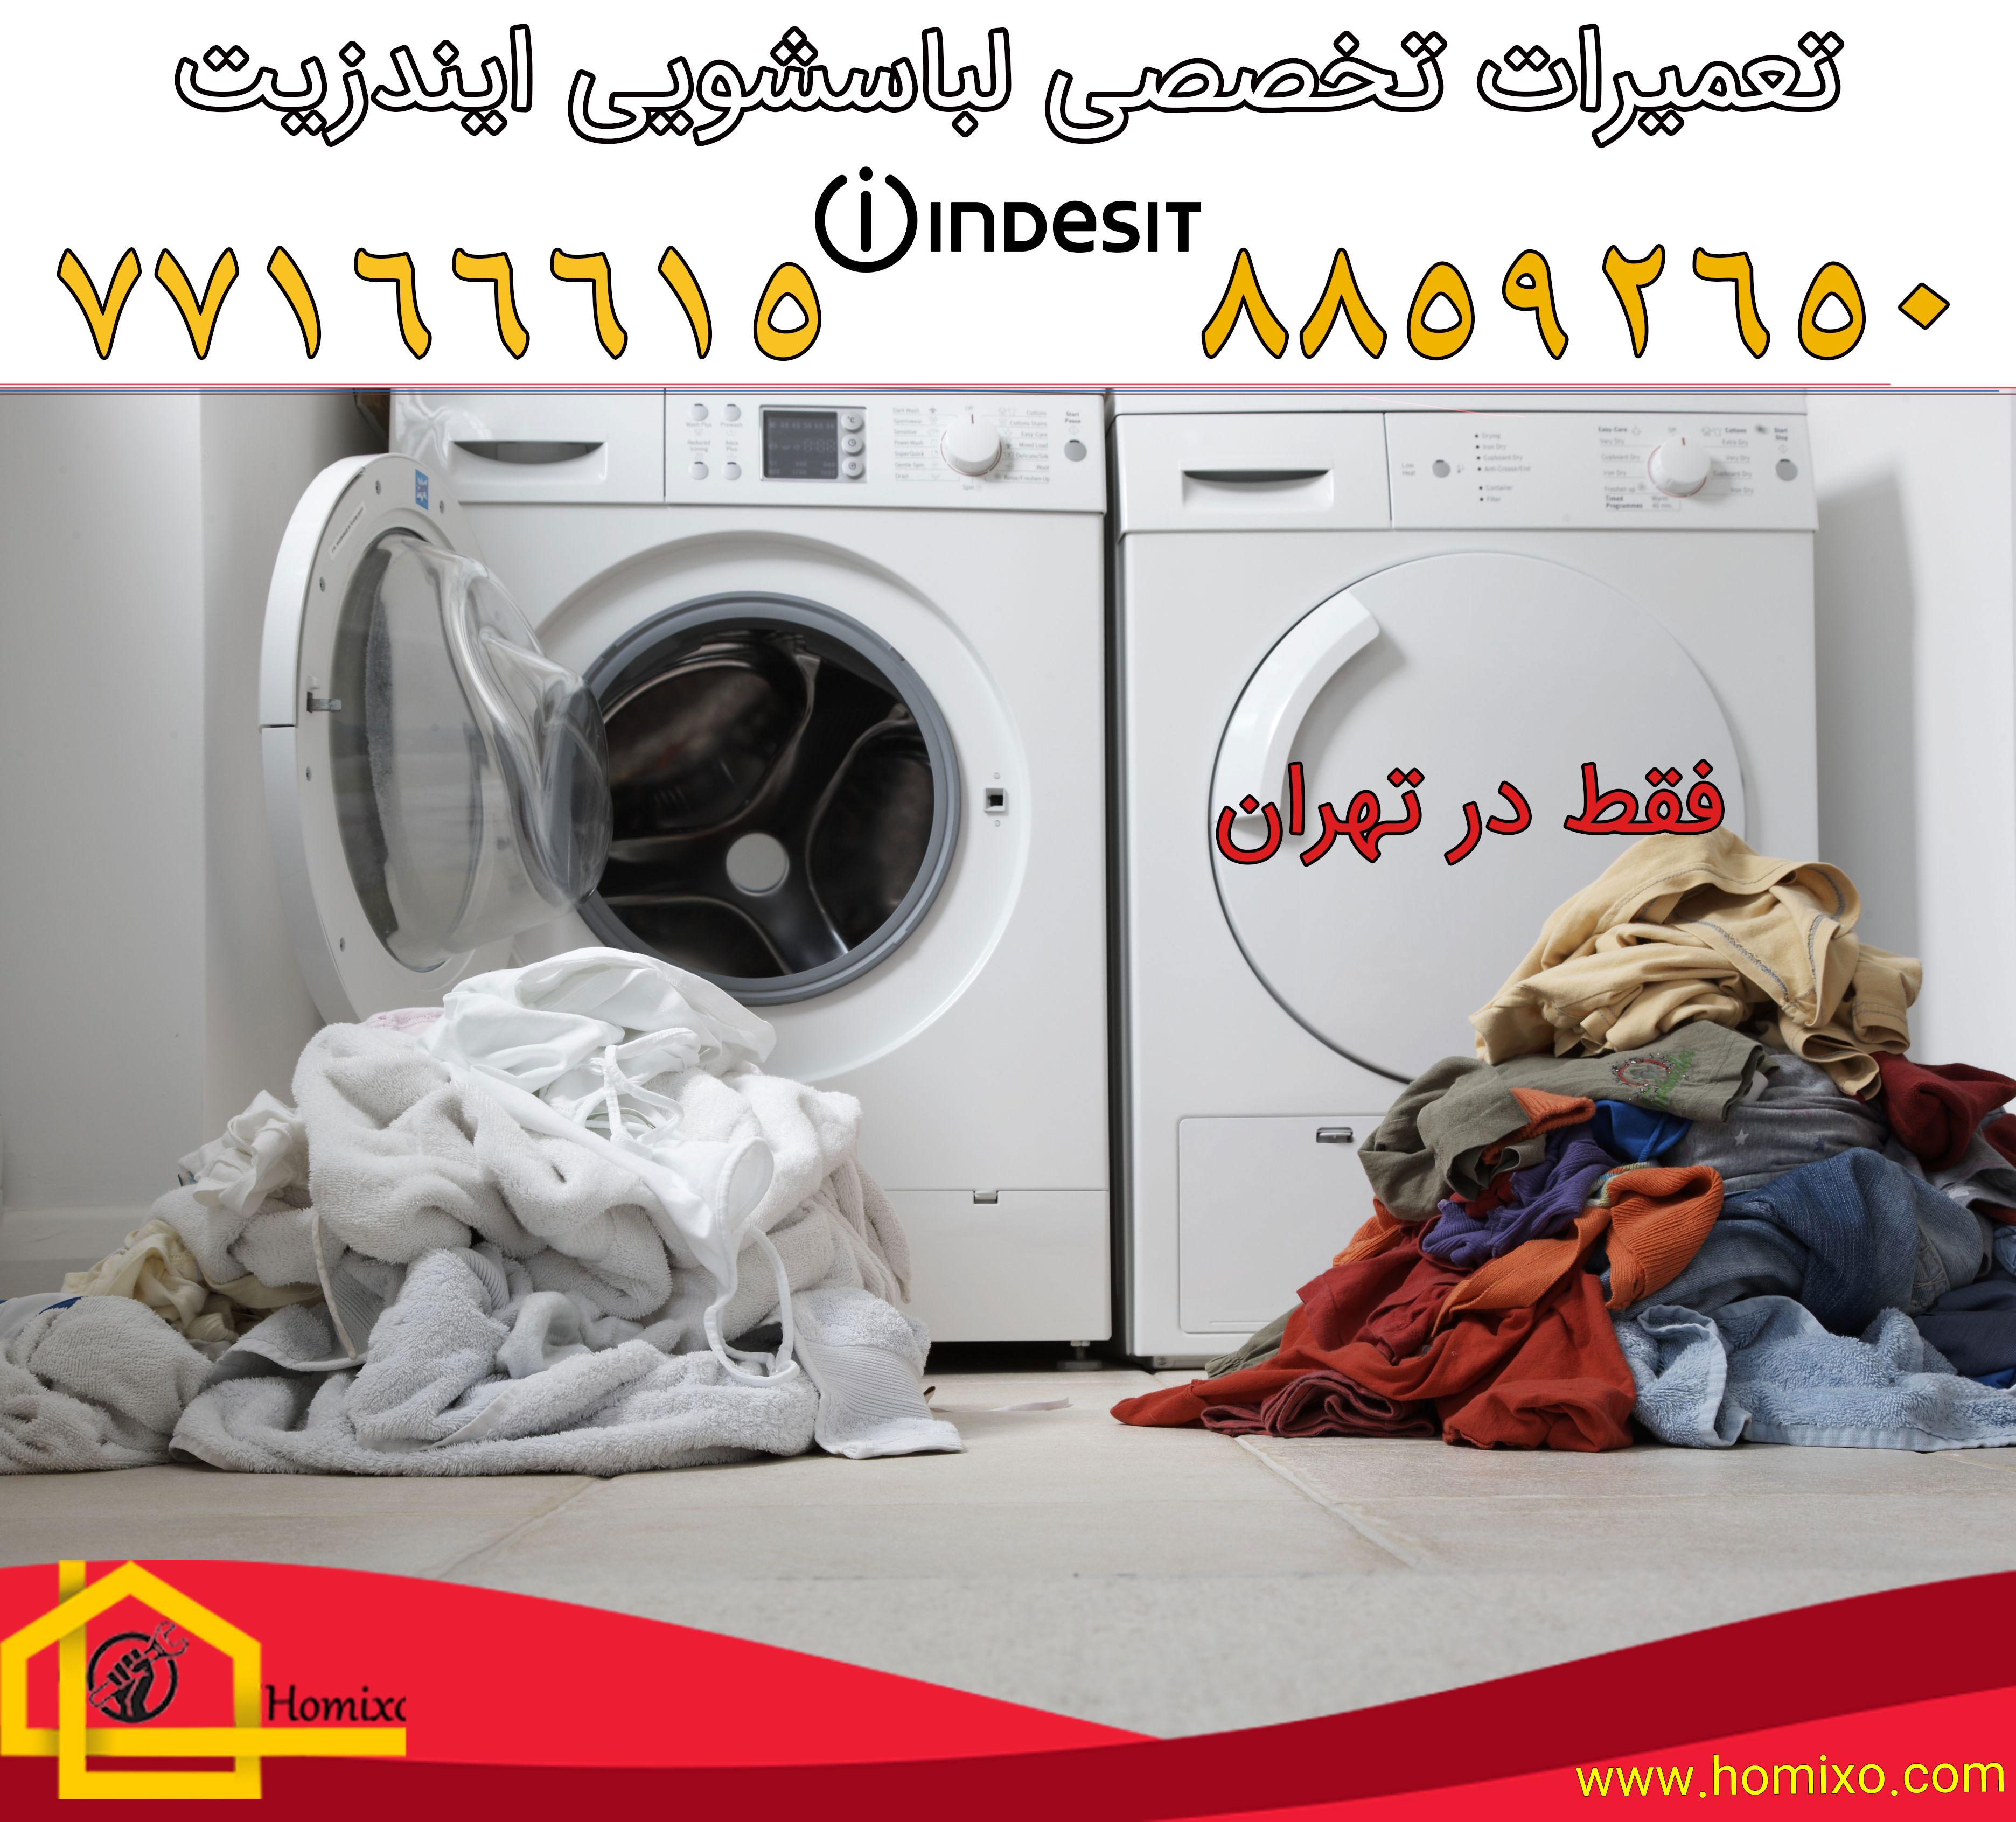 تعمیر لباسشویی ایندزیت